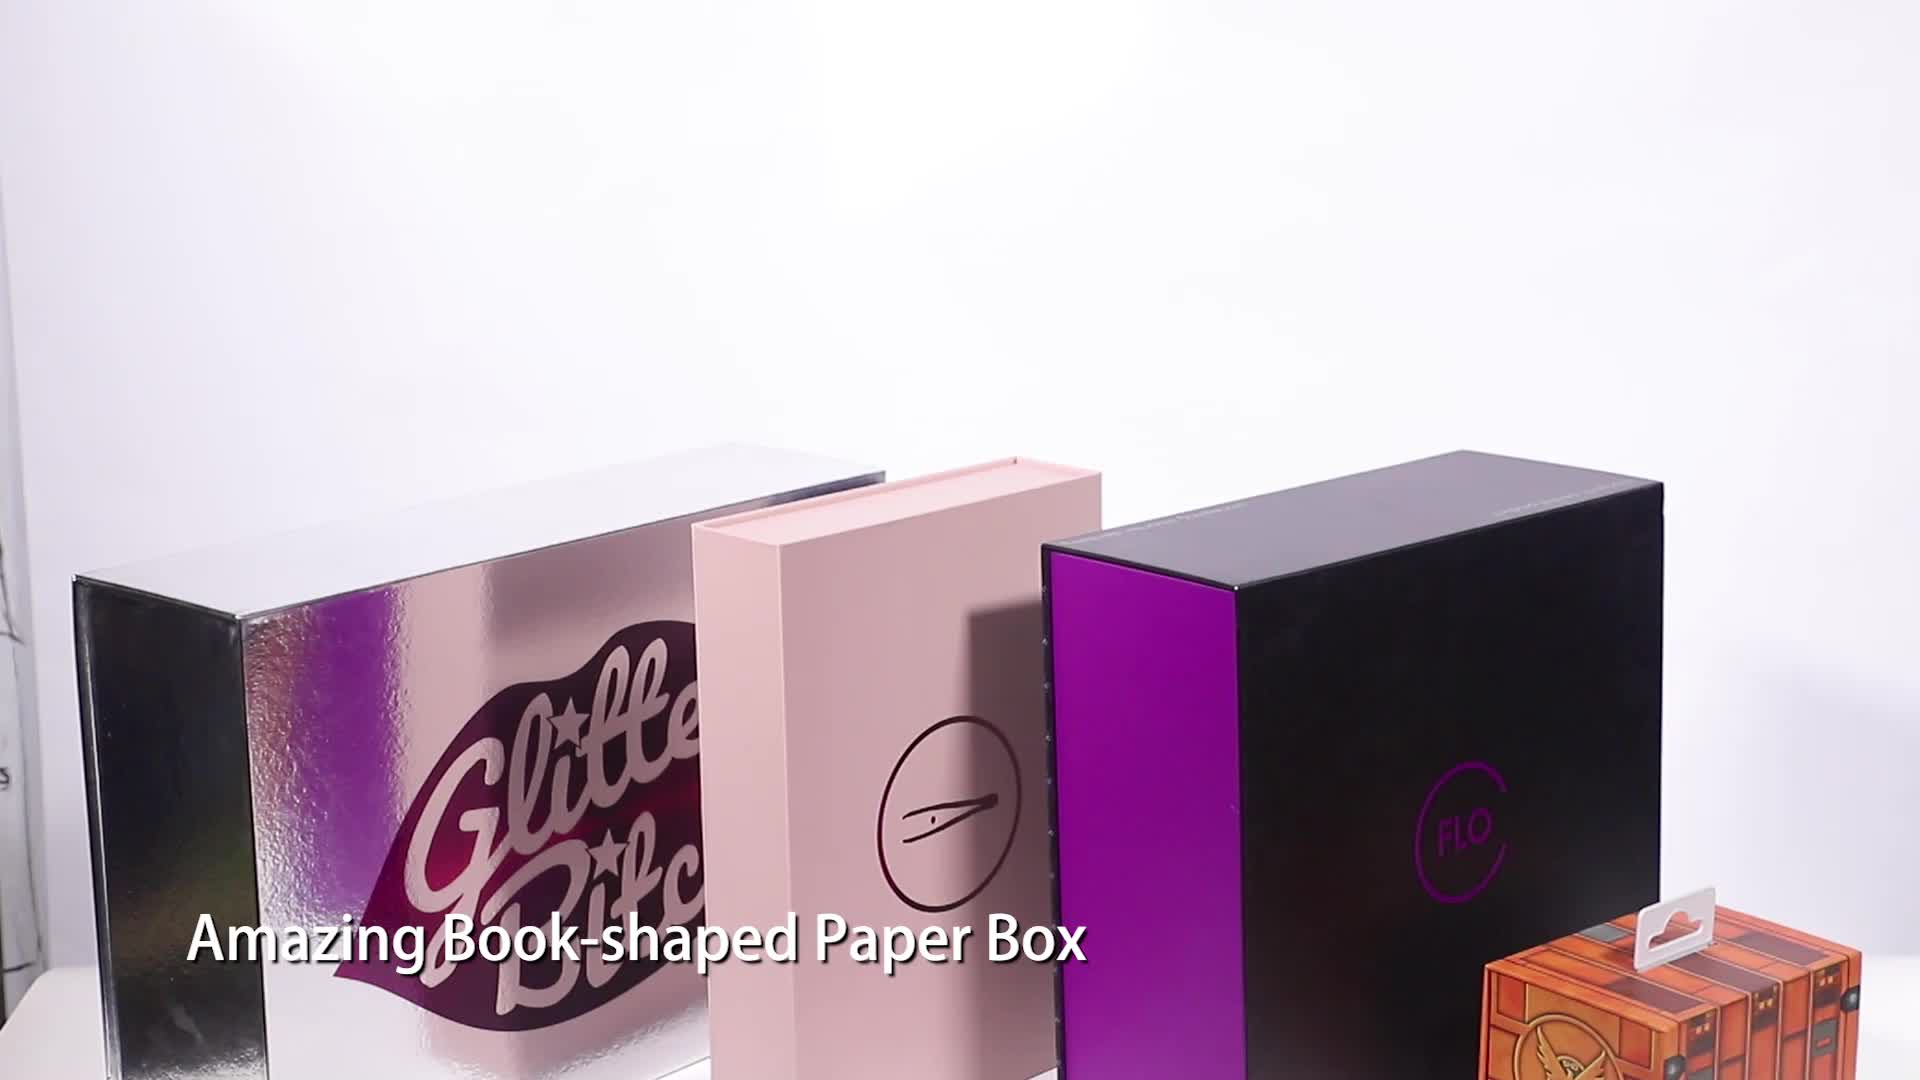 تغليف كريم تجميلي فاخر من الورق المقوى ترويجي من Alibaba ، صندوق هدايا مطبوع مستحضرات تجميل عالية الجودة